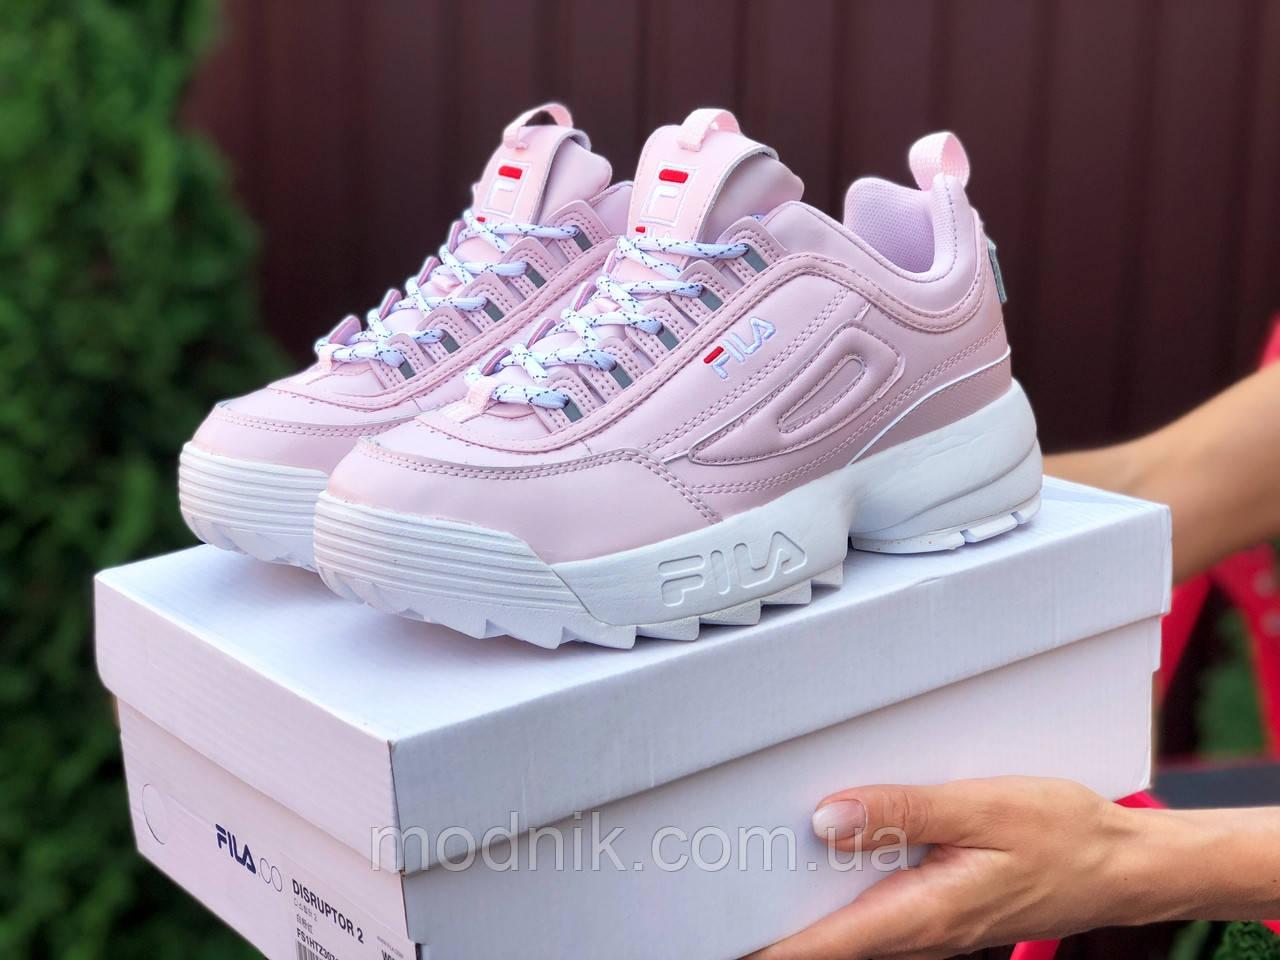 Жіночі кросівки Fila Disruptor 2 (рожеві) 9846